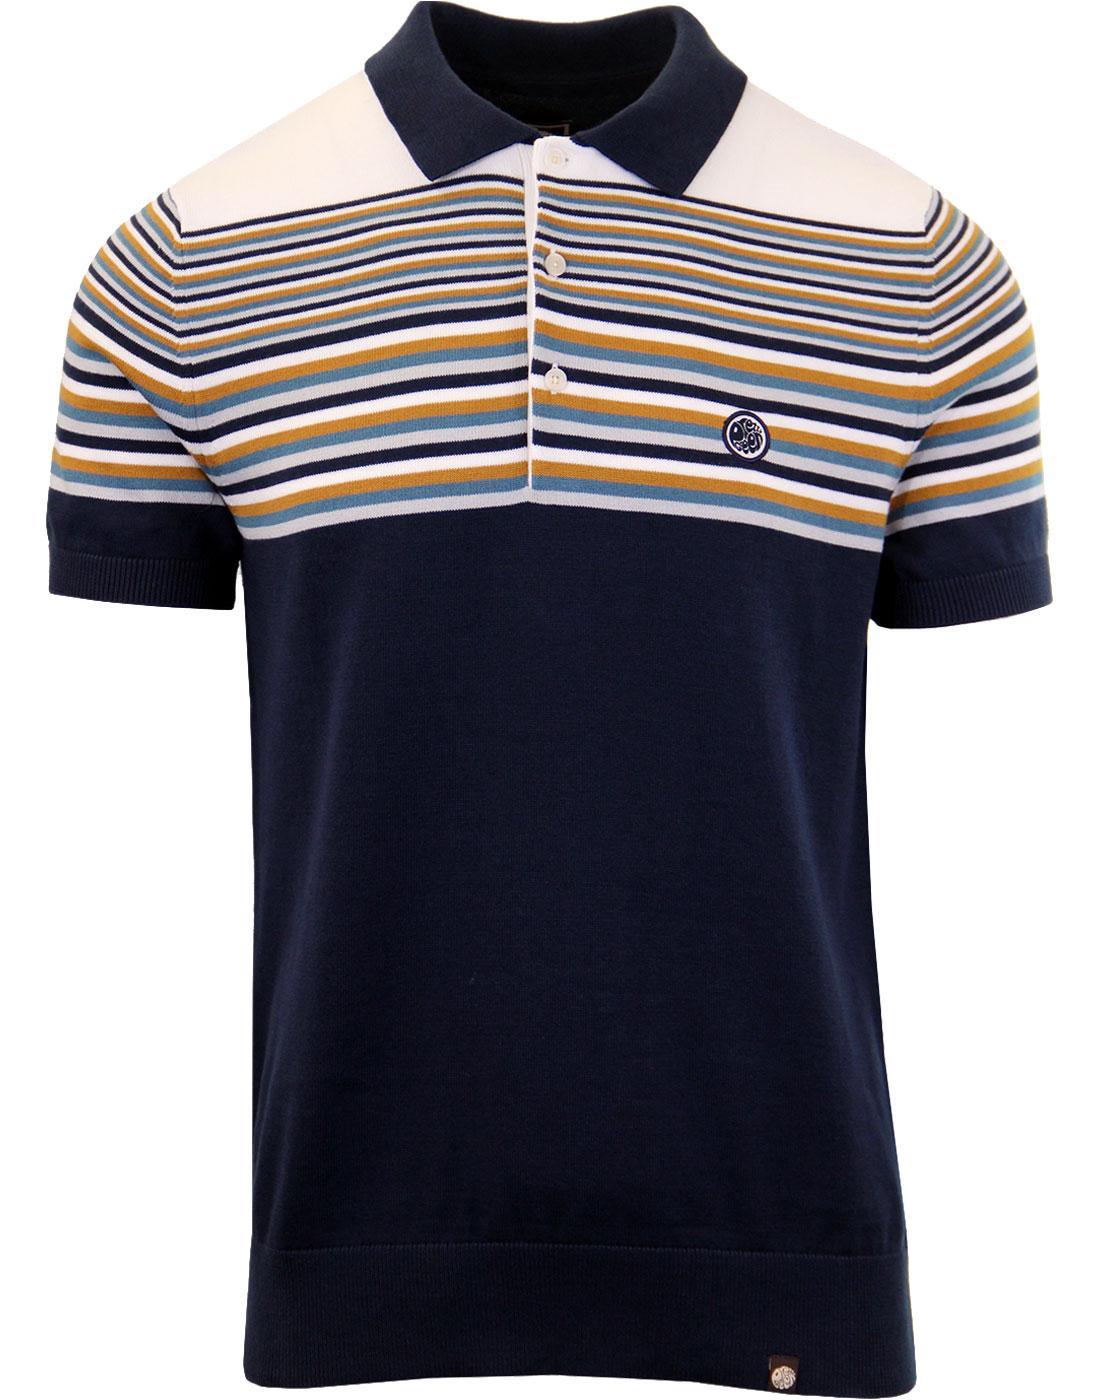 PRETTY GREEN Retro Mod Multi Stripe Knitted Polo